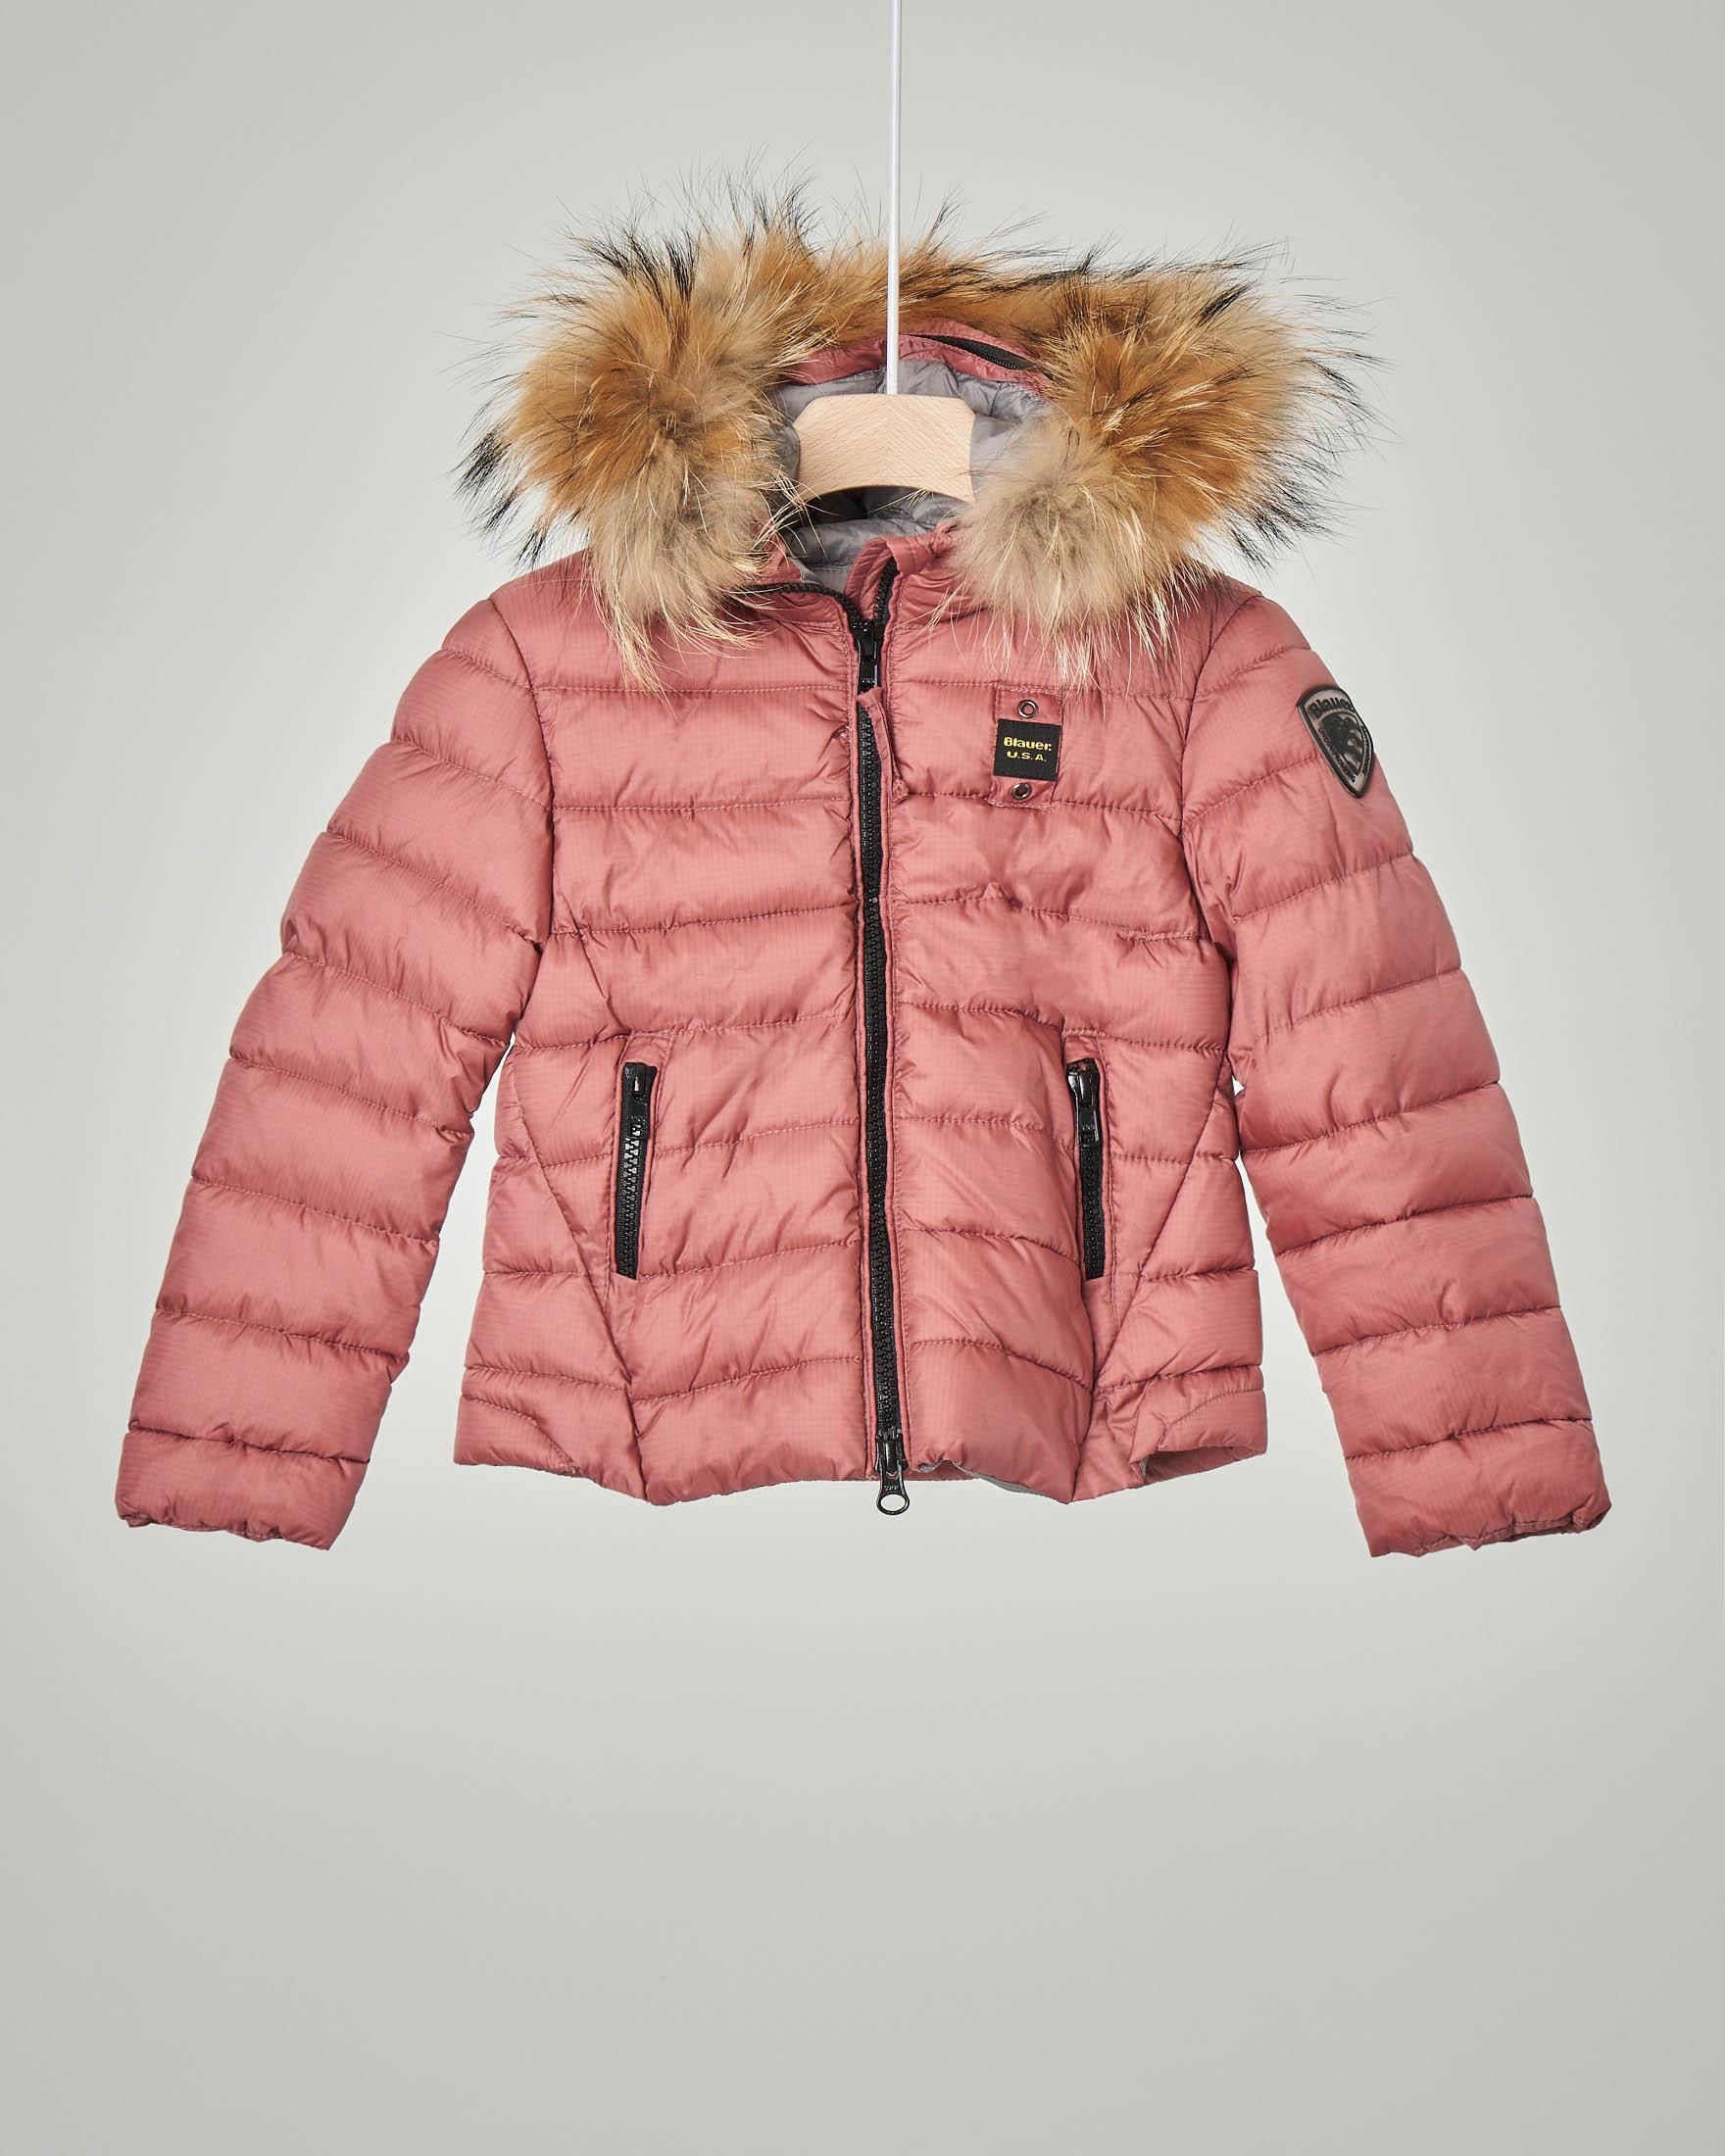 Giaccone rosa con cappuccio e pelliccia staccabile 4-8 anni